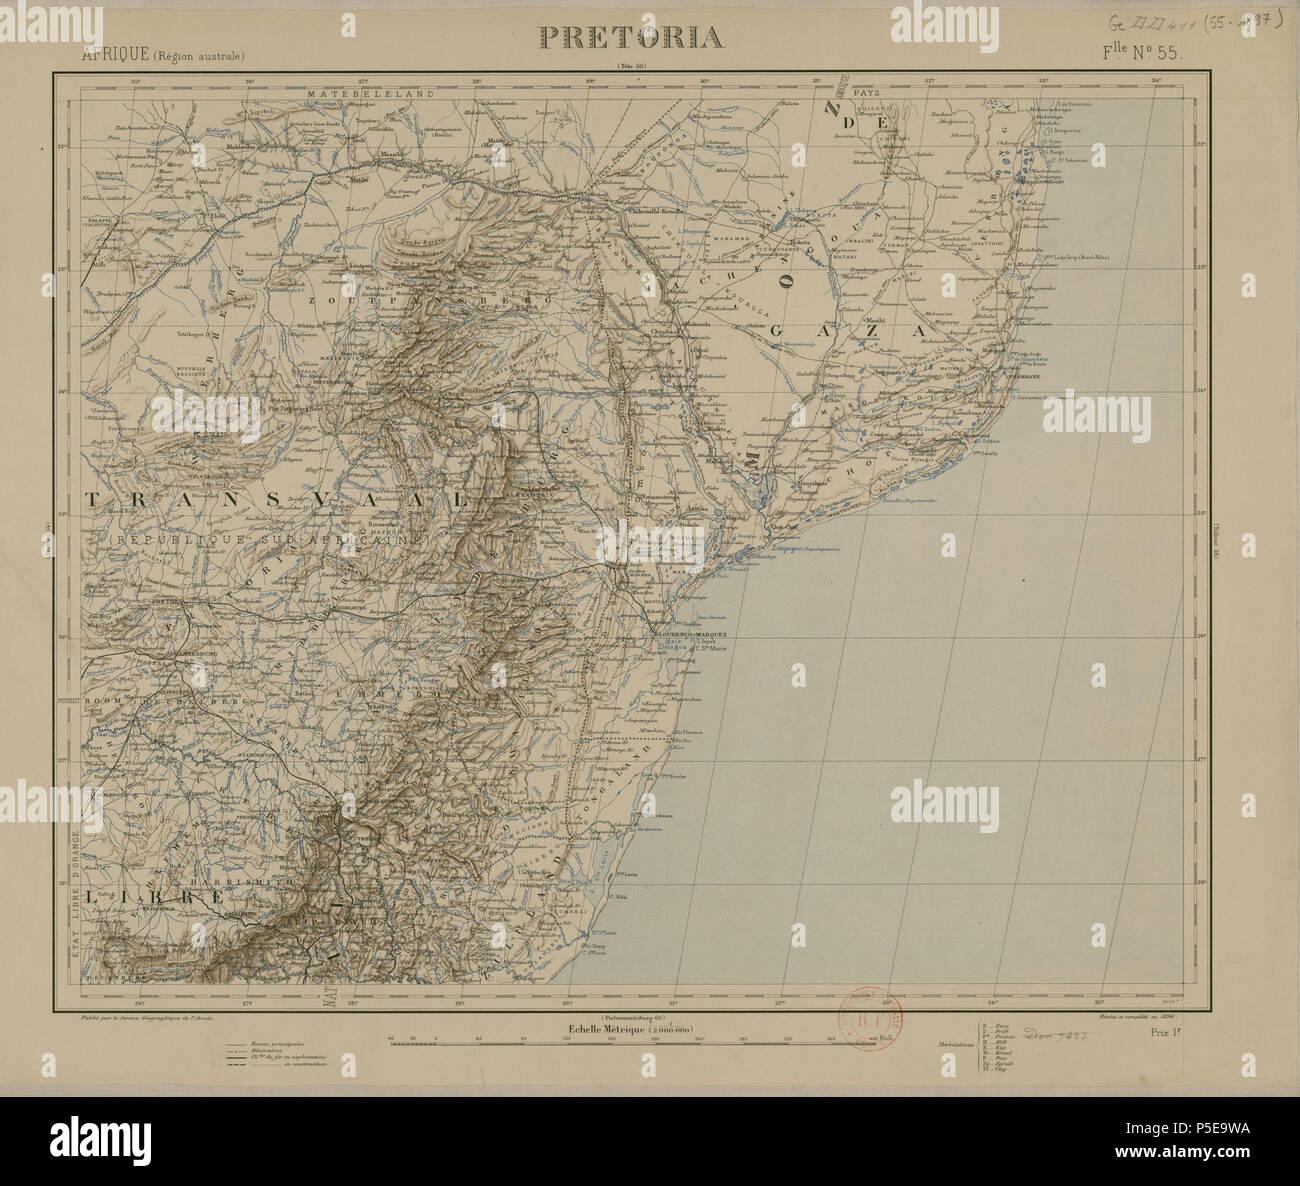 278 Carte de l'Afrique, Pretoria (région australe) - Stock Image